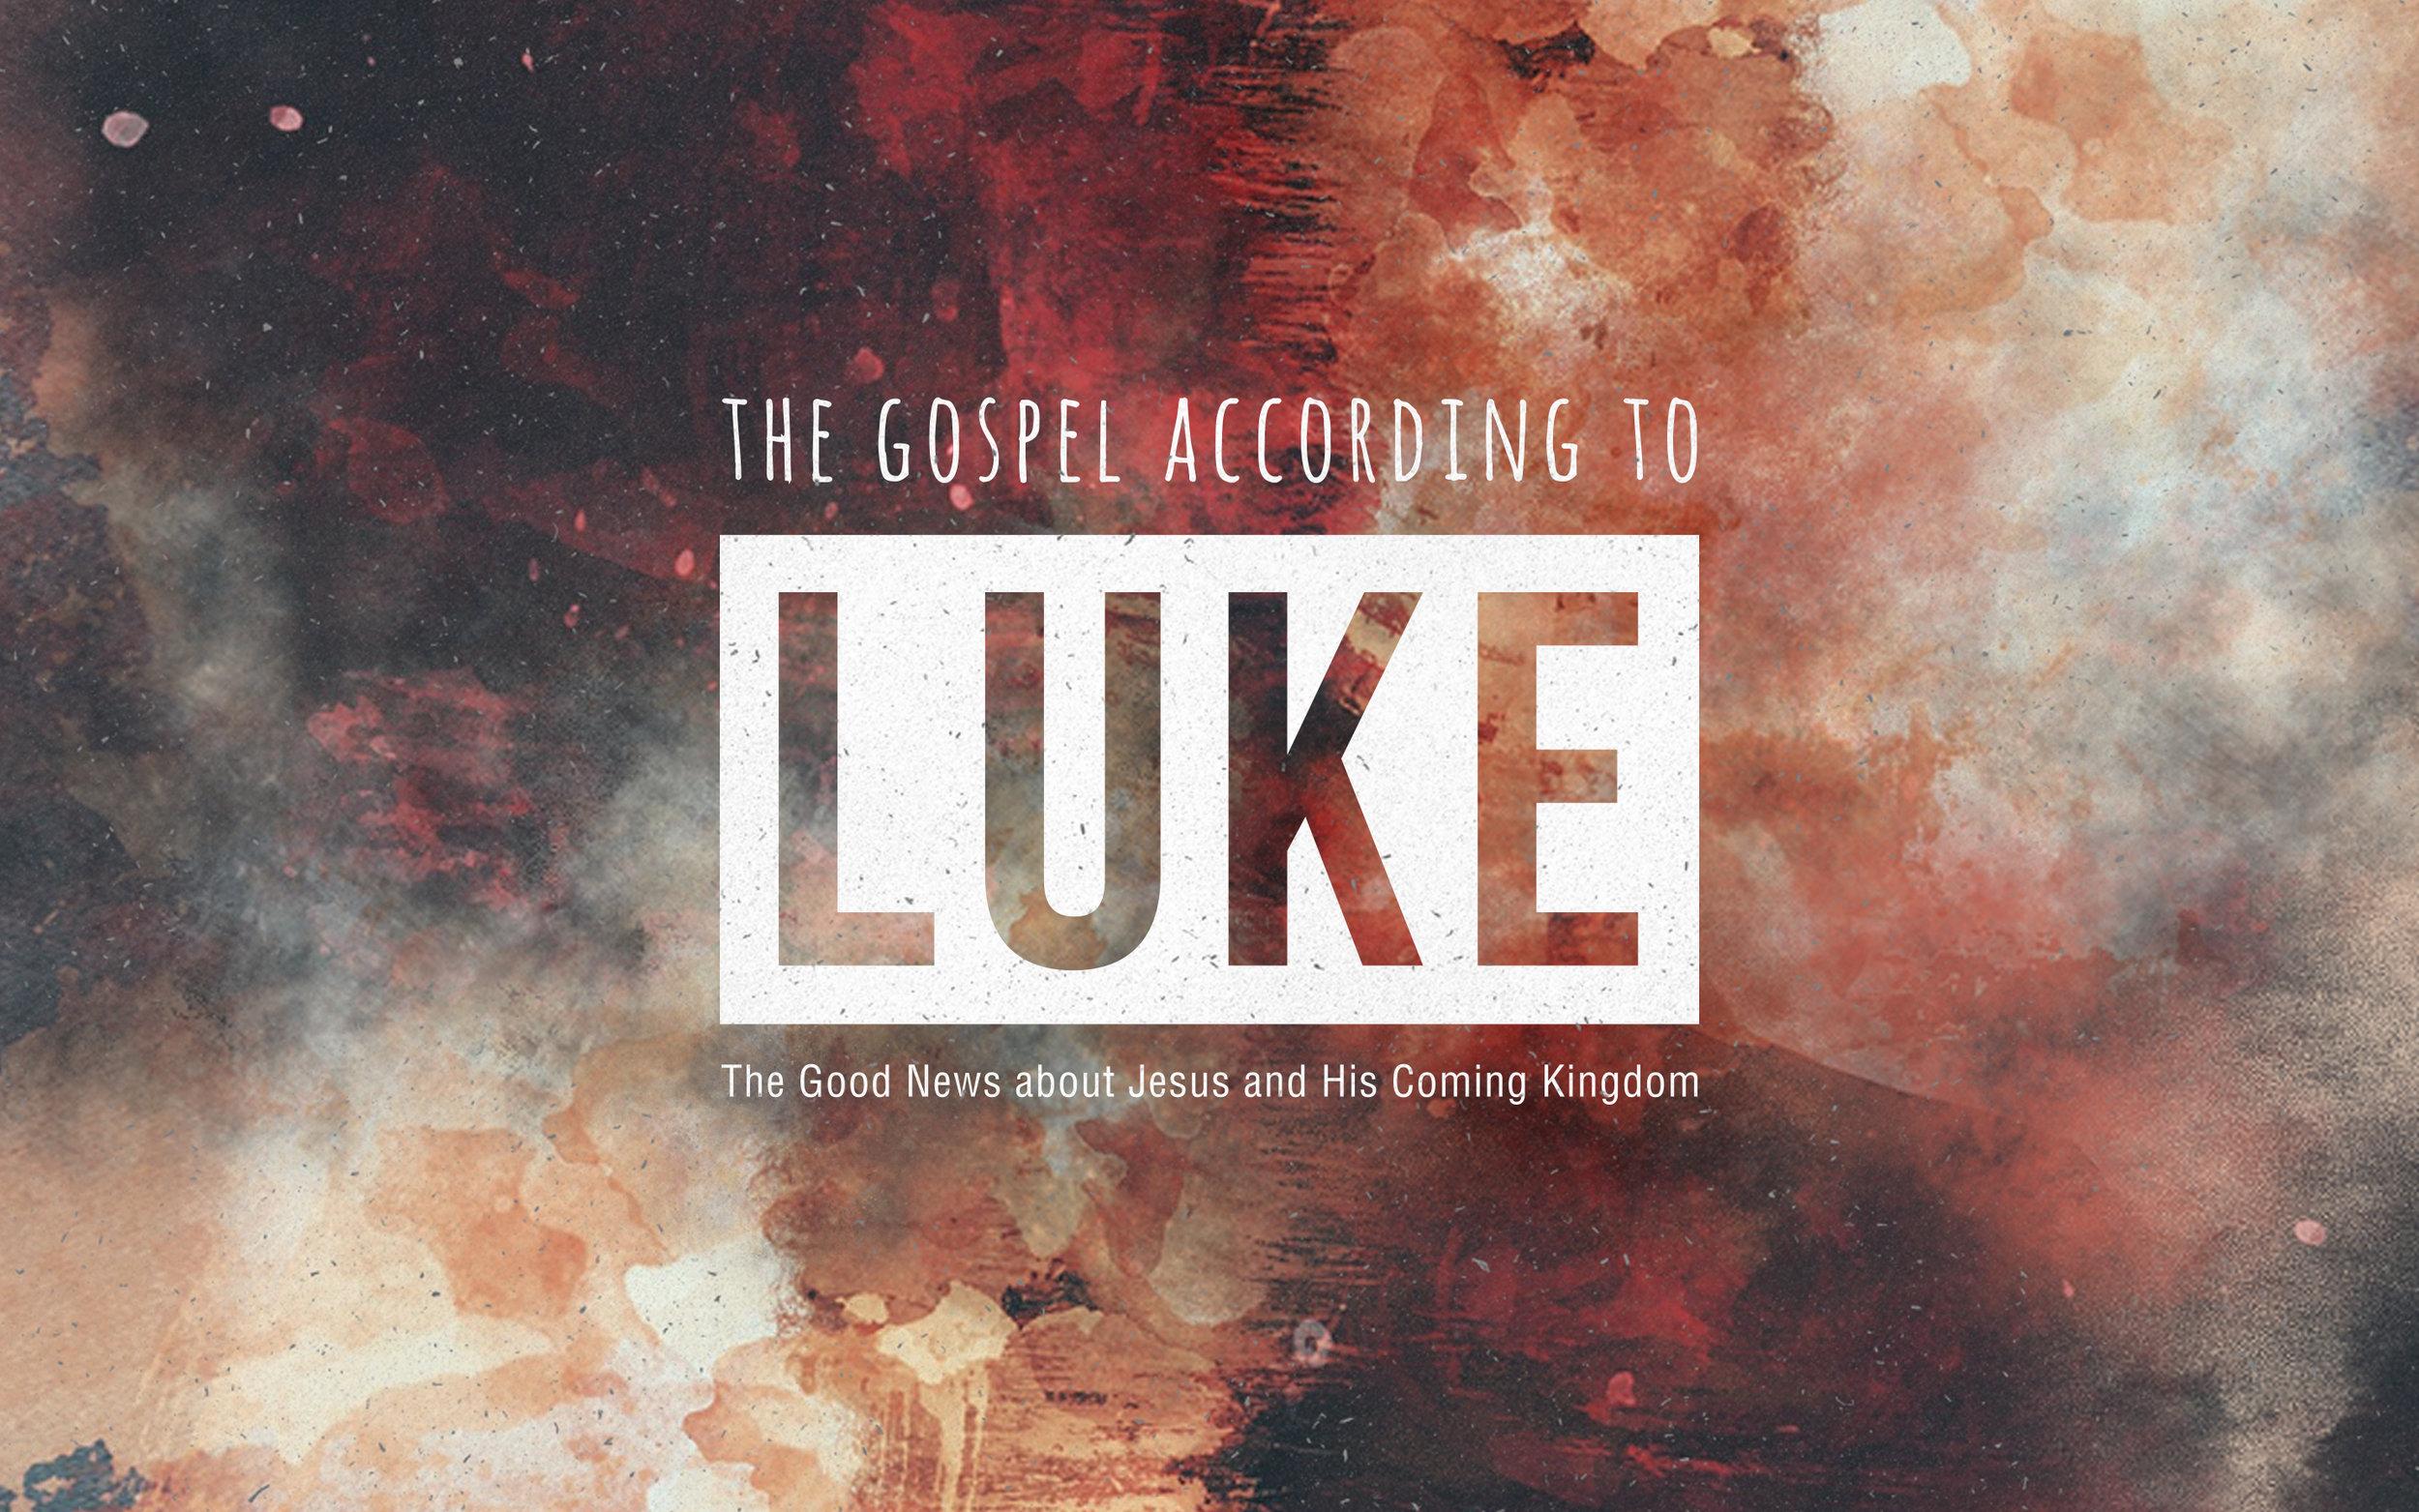 Luke Series 2880x1800px 1.jpg